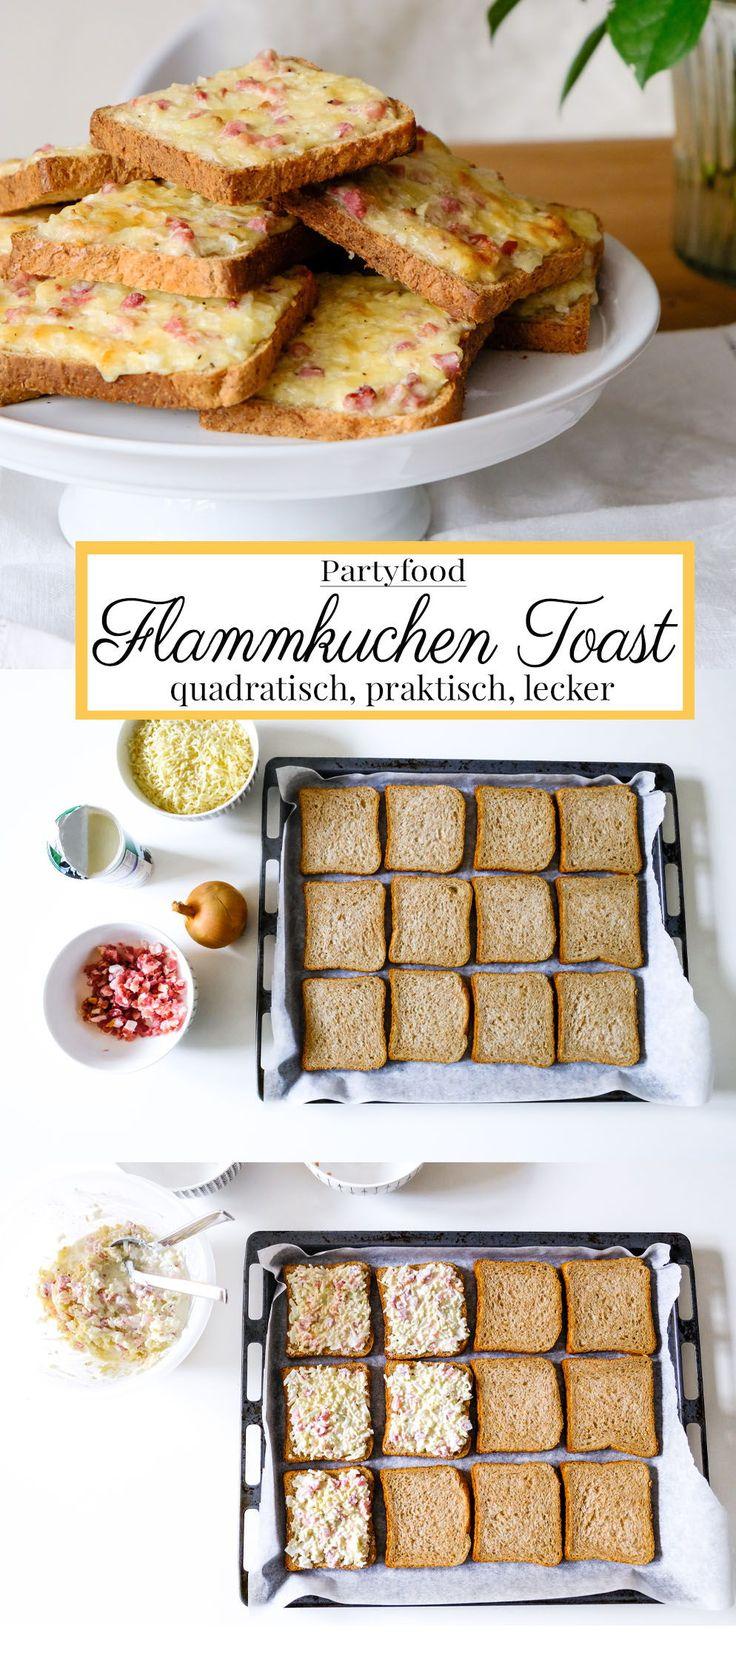 Quadratisch, praktisch, lecker: Flammkuchen Toast (Rezept)   – Essen